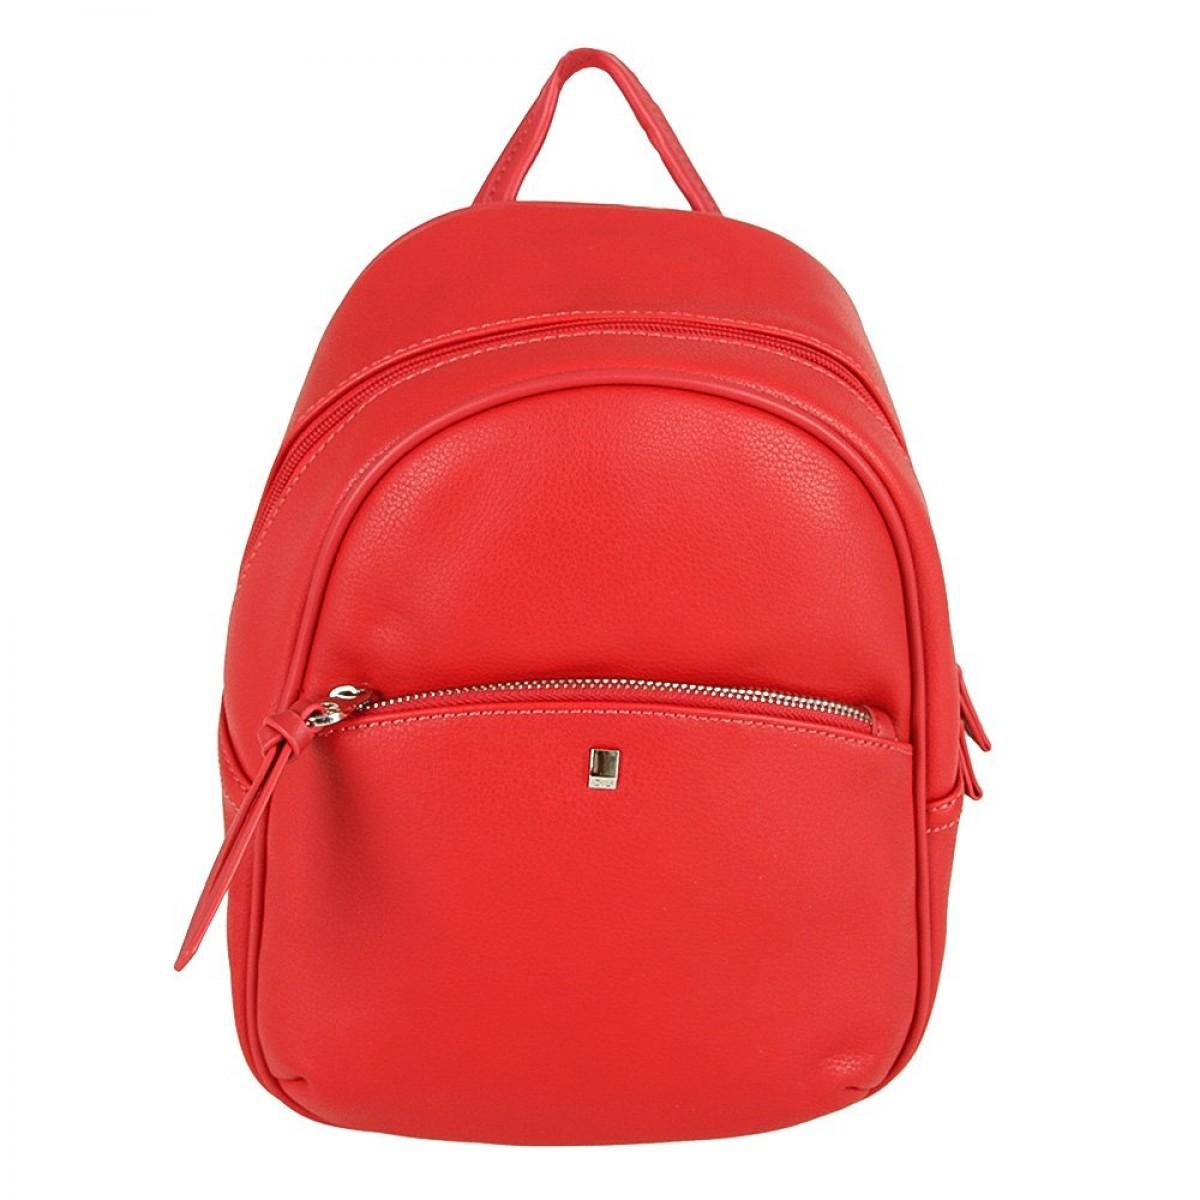 Жіночий рюкзак David Jones  5959-4 RED